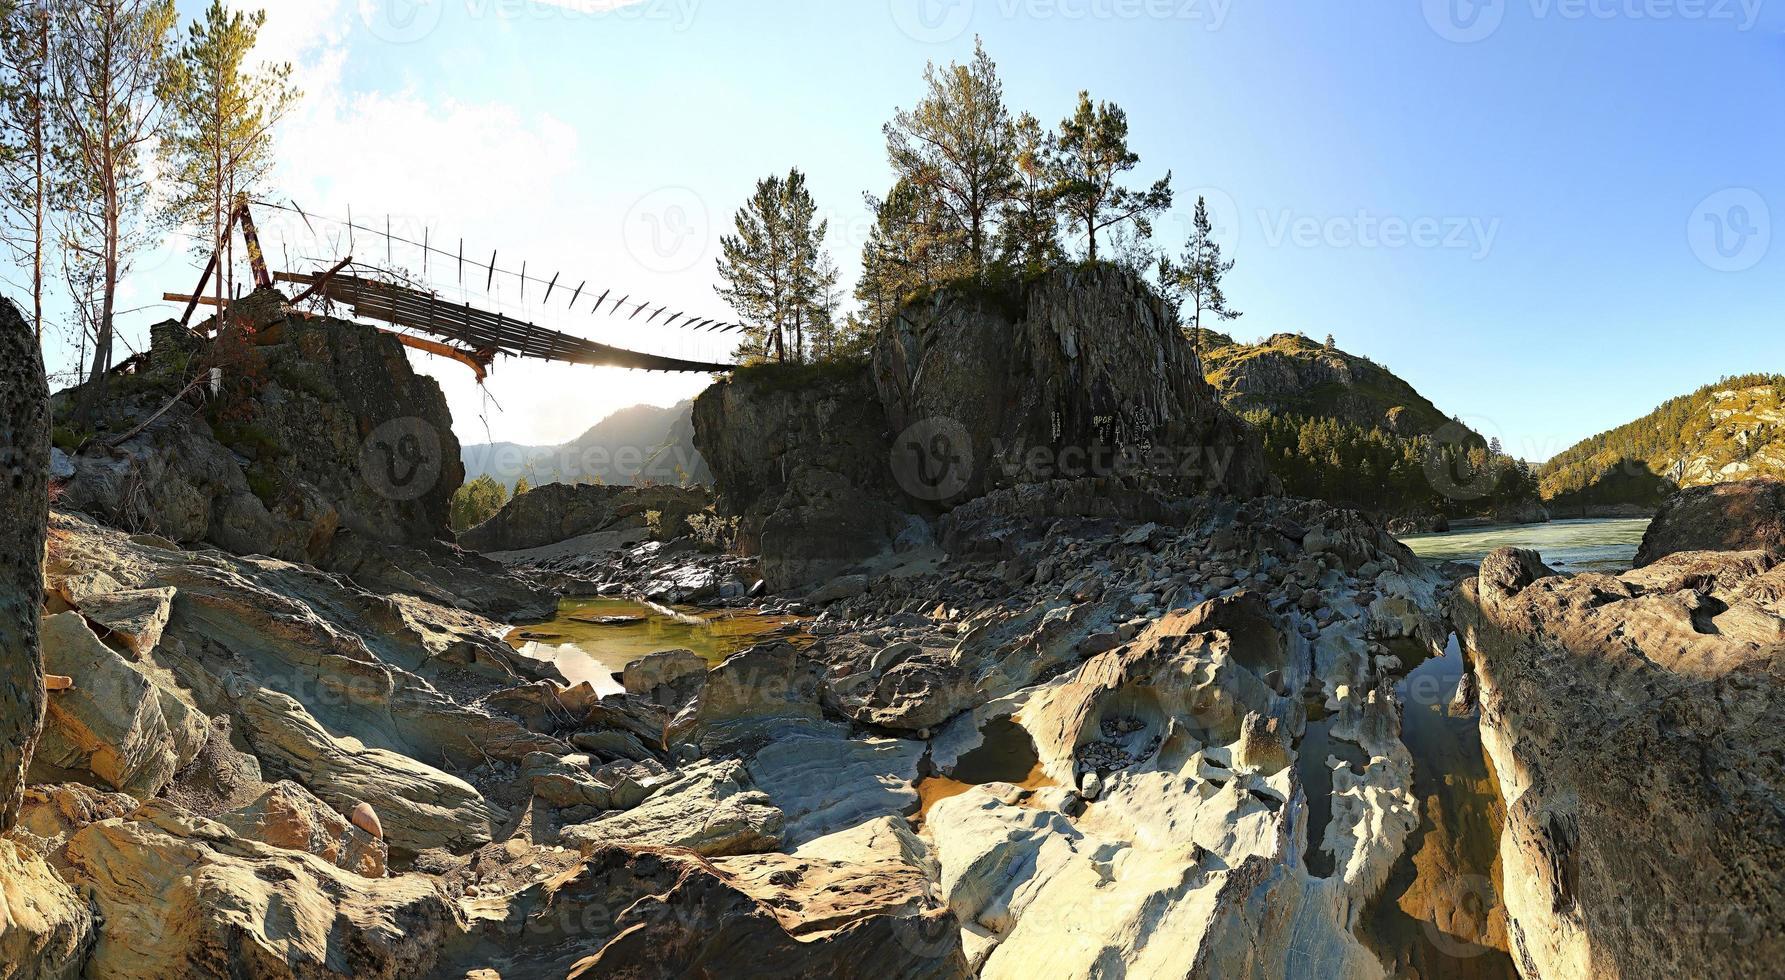 ponte sospeso sul fiume di montagna. sera. paesaggio estivo. p foto